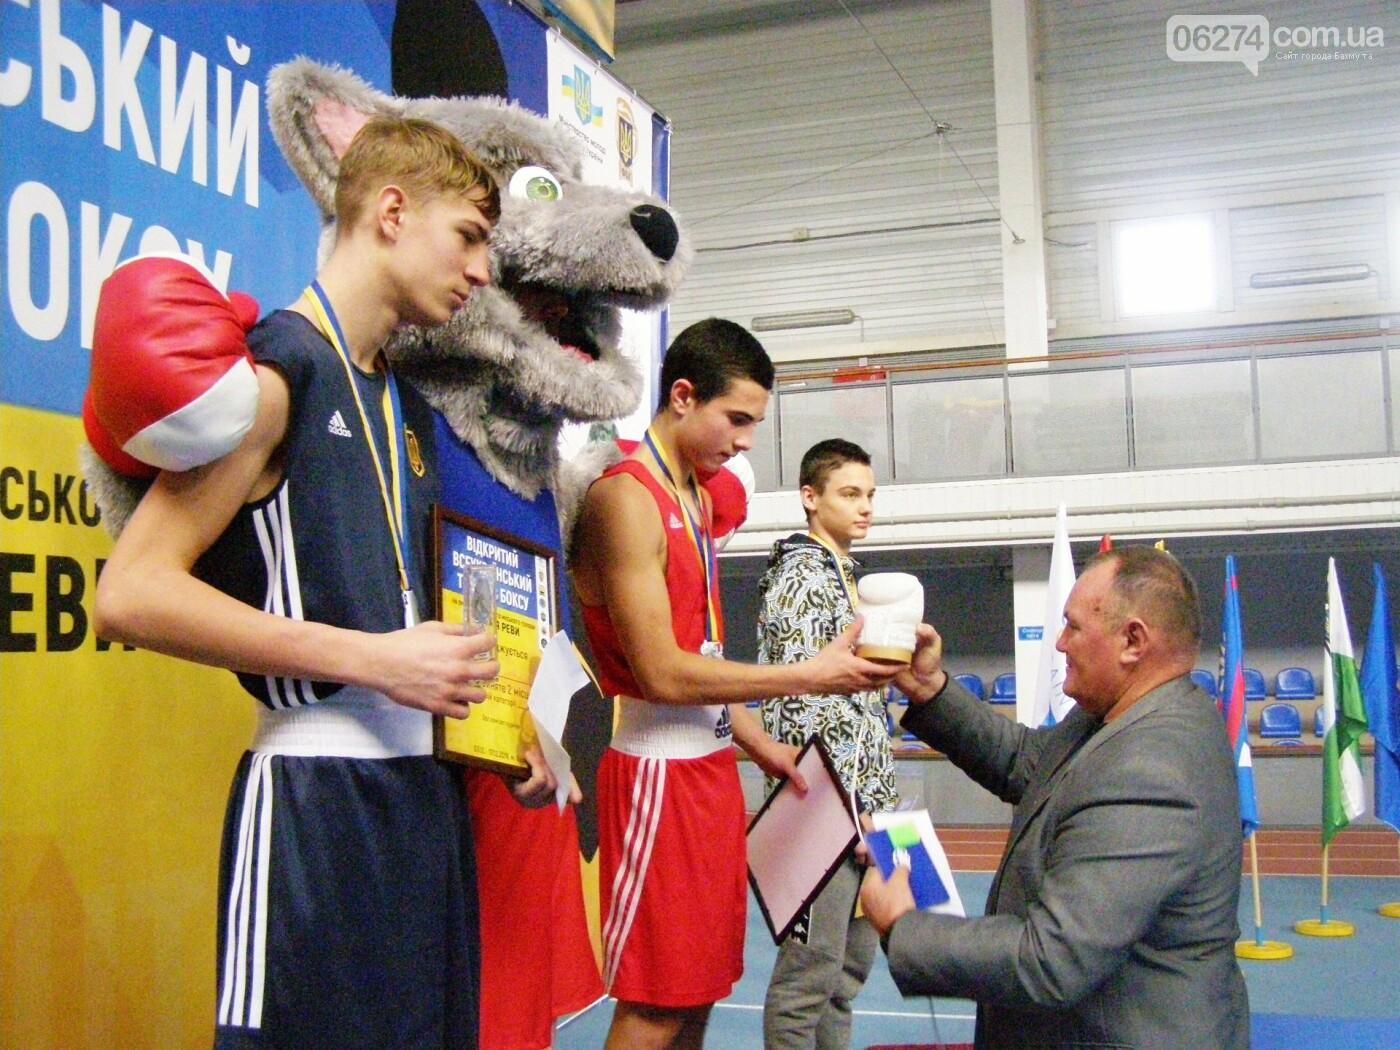 Боксеры Донетчины получили 15 наград всеукраинского турнира среди юниоров в Бахмуте, фото-5